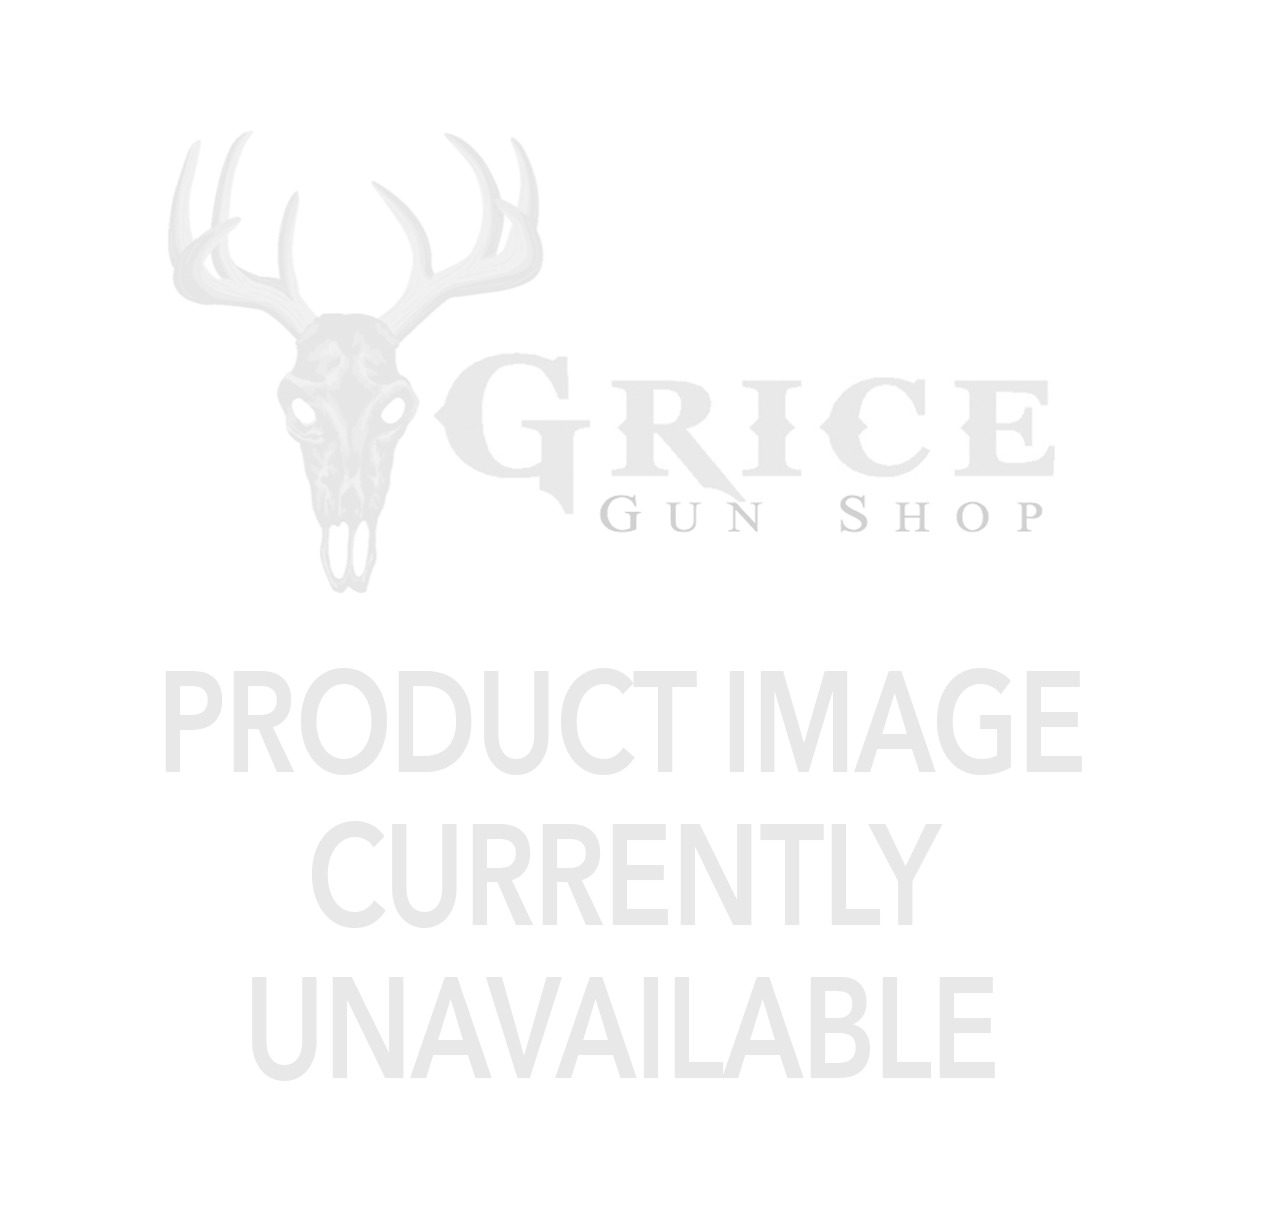 MILLET 1 Piece Base - Aluminum Marlin 336/1895/30A Matte